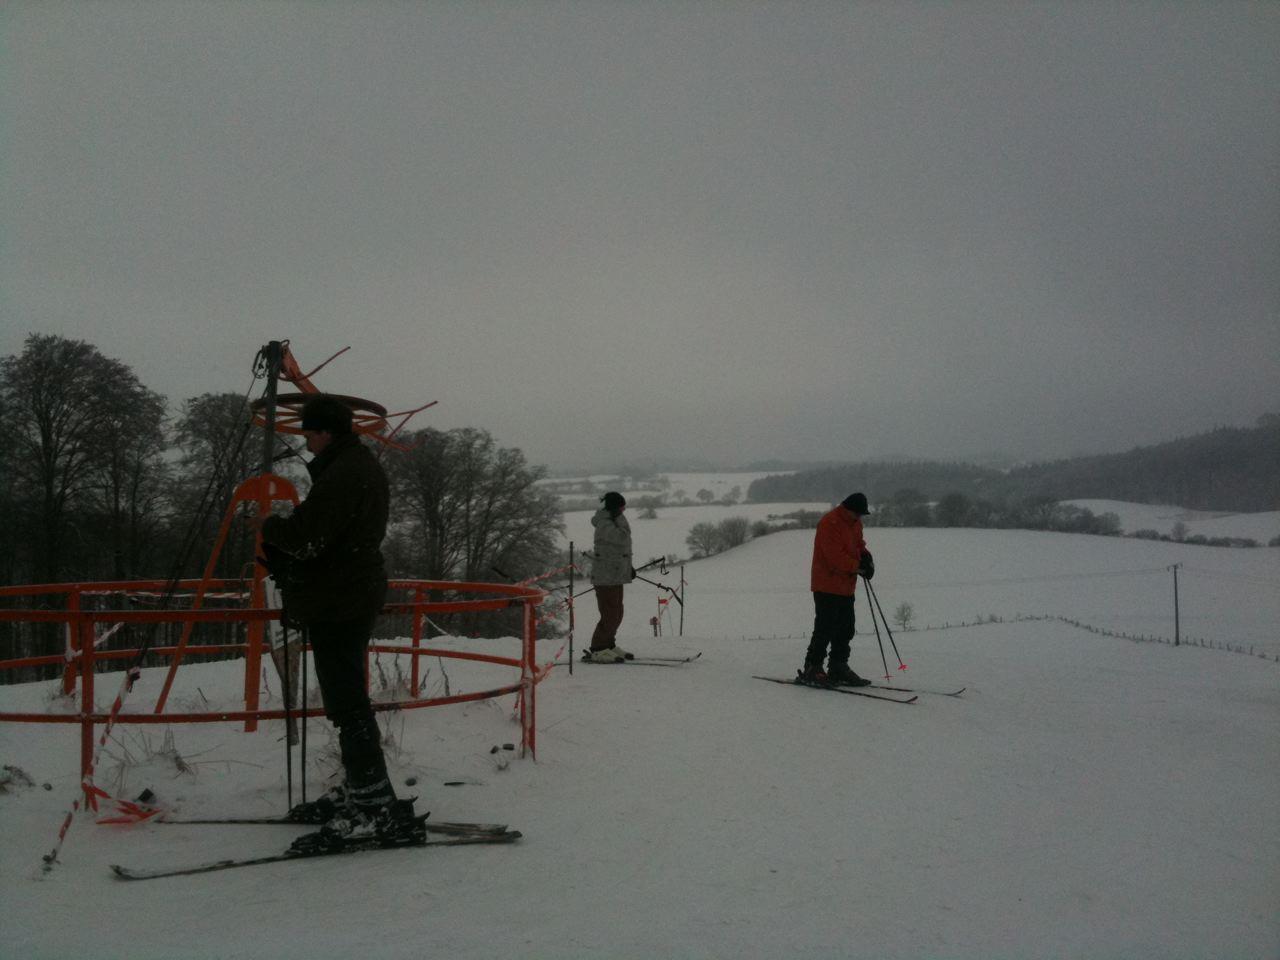 Fahren Sie Ski auf dem 167,4 Meter hohen Bungsberg,